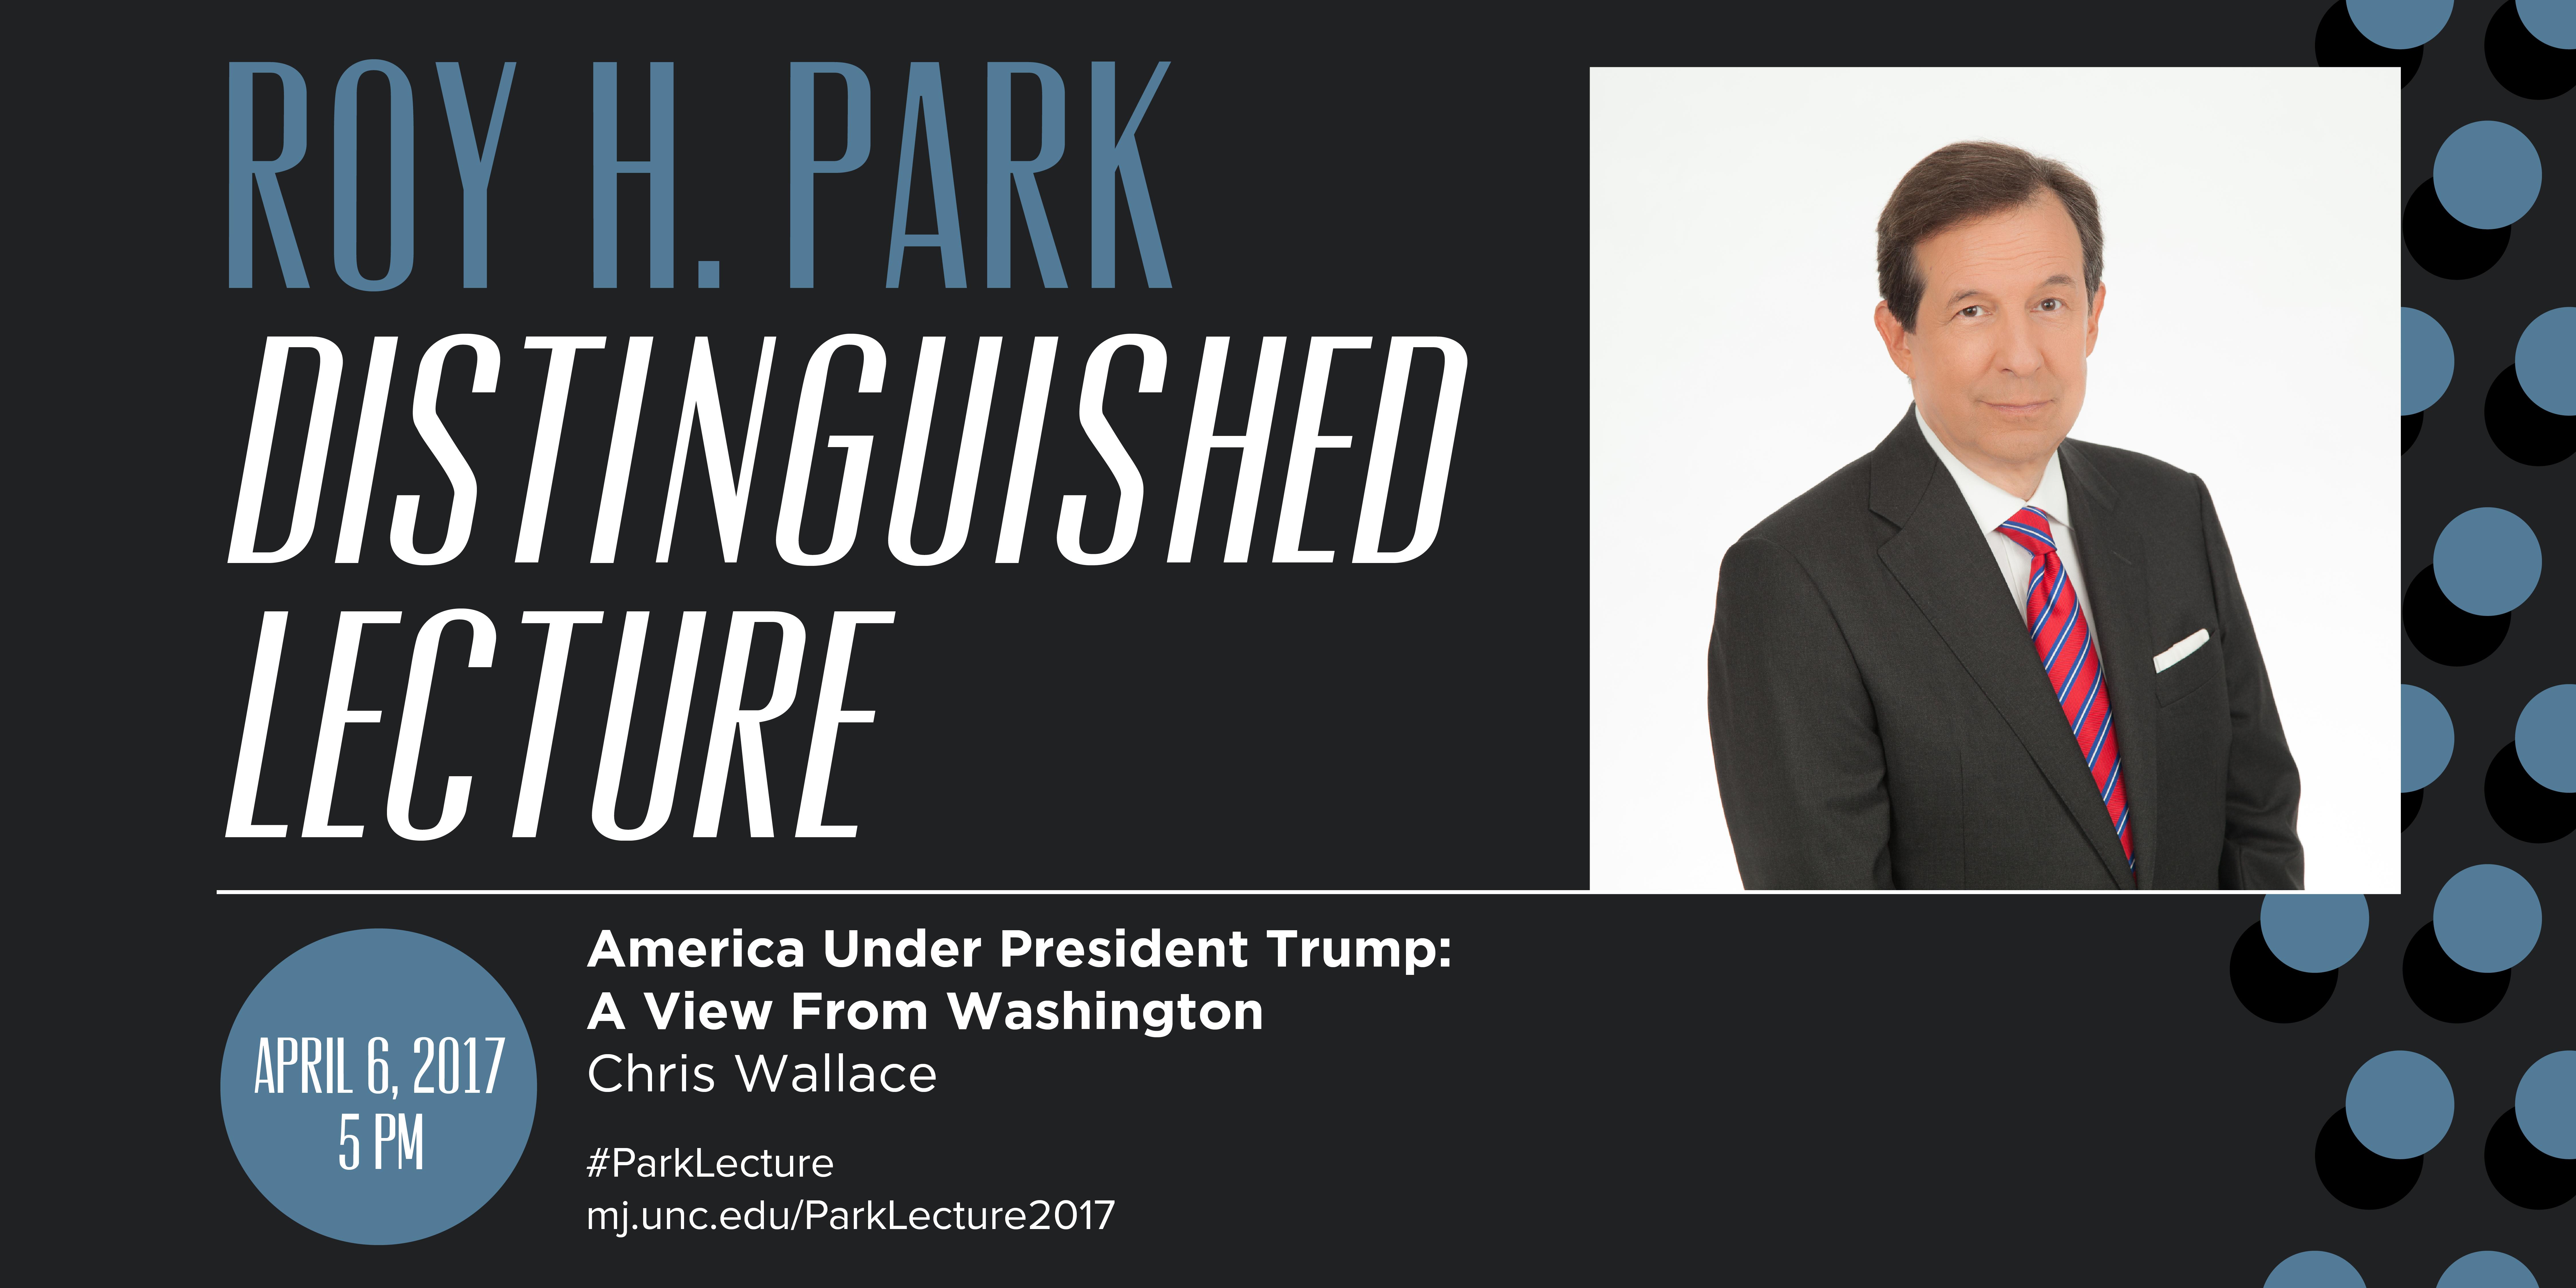 Park Lecture 2017